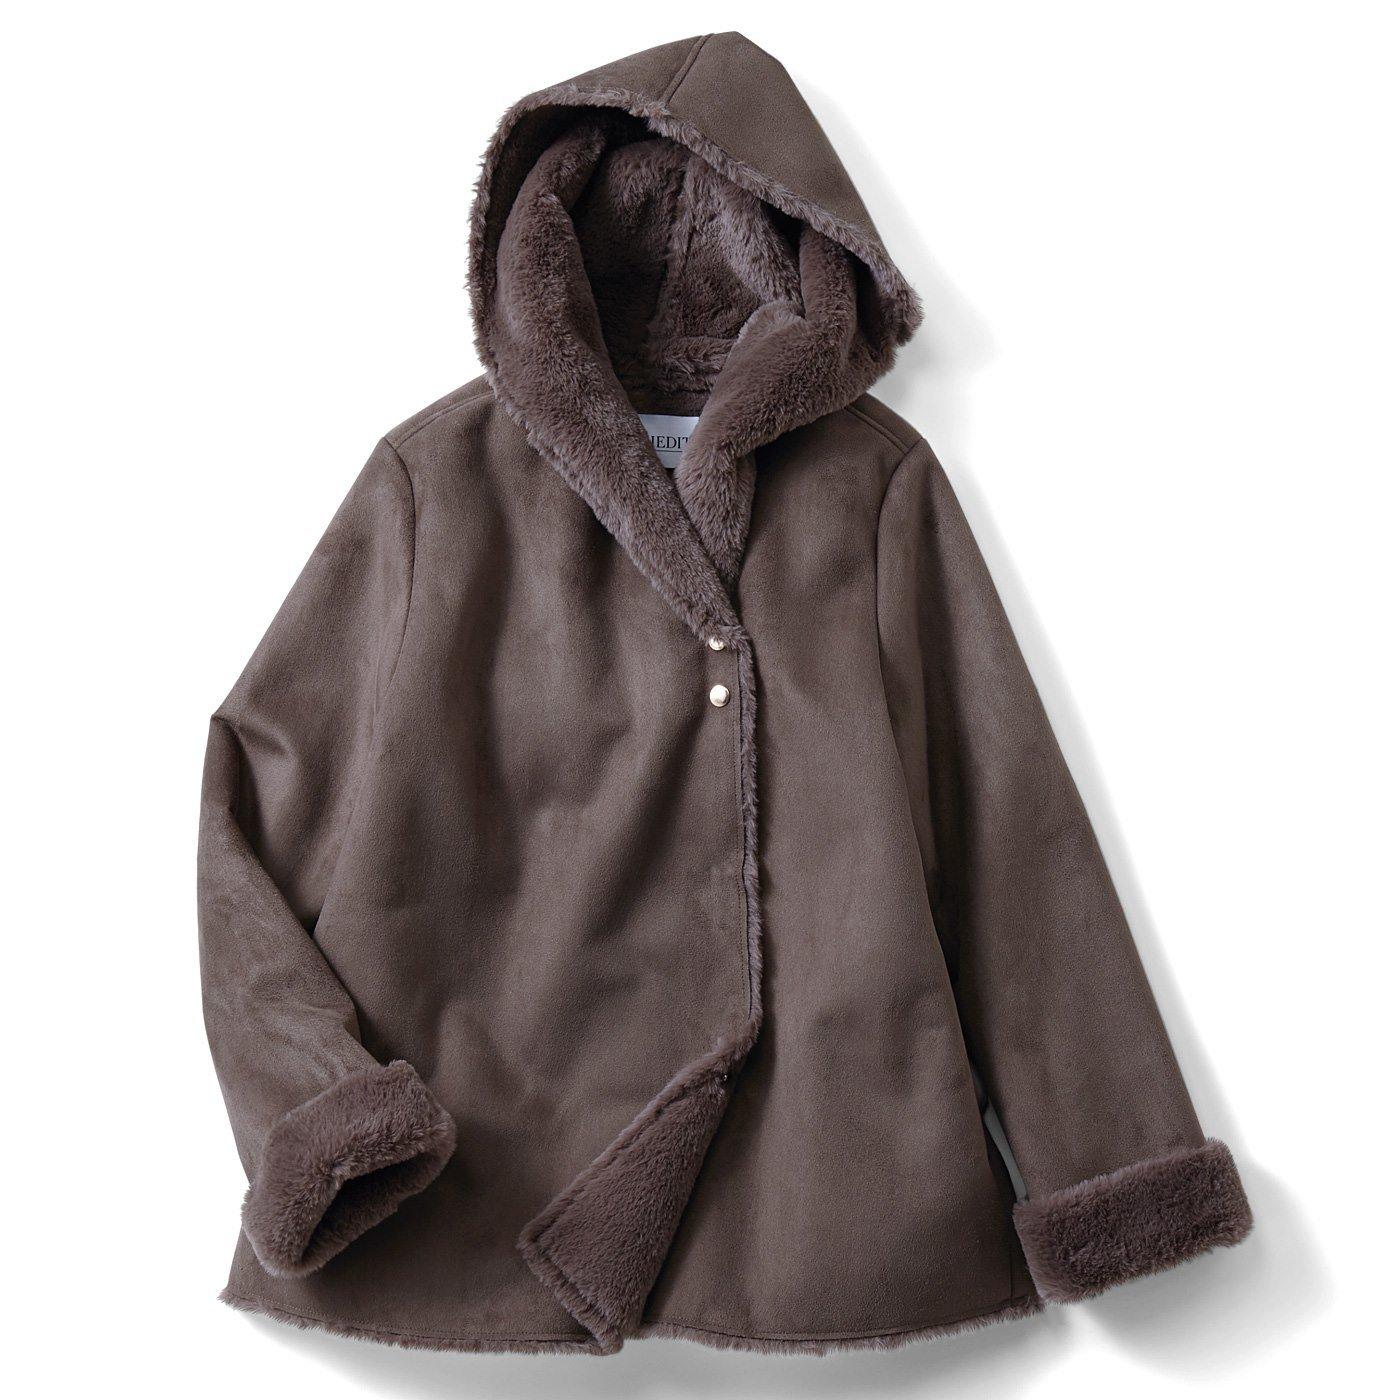 IEDIT 軽やかに着られてどんなボトムスにも合わせやすい ショート丈ムートンコート〈モカブラウン〉